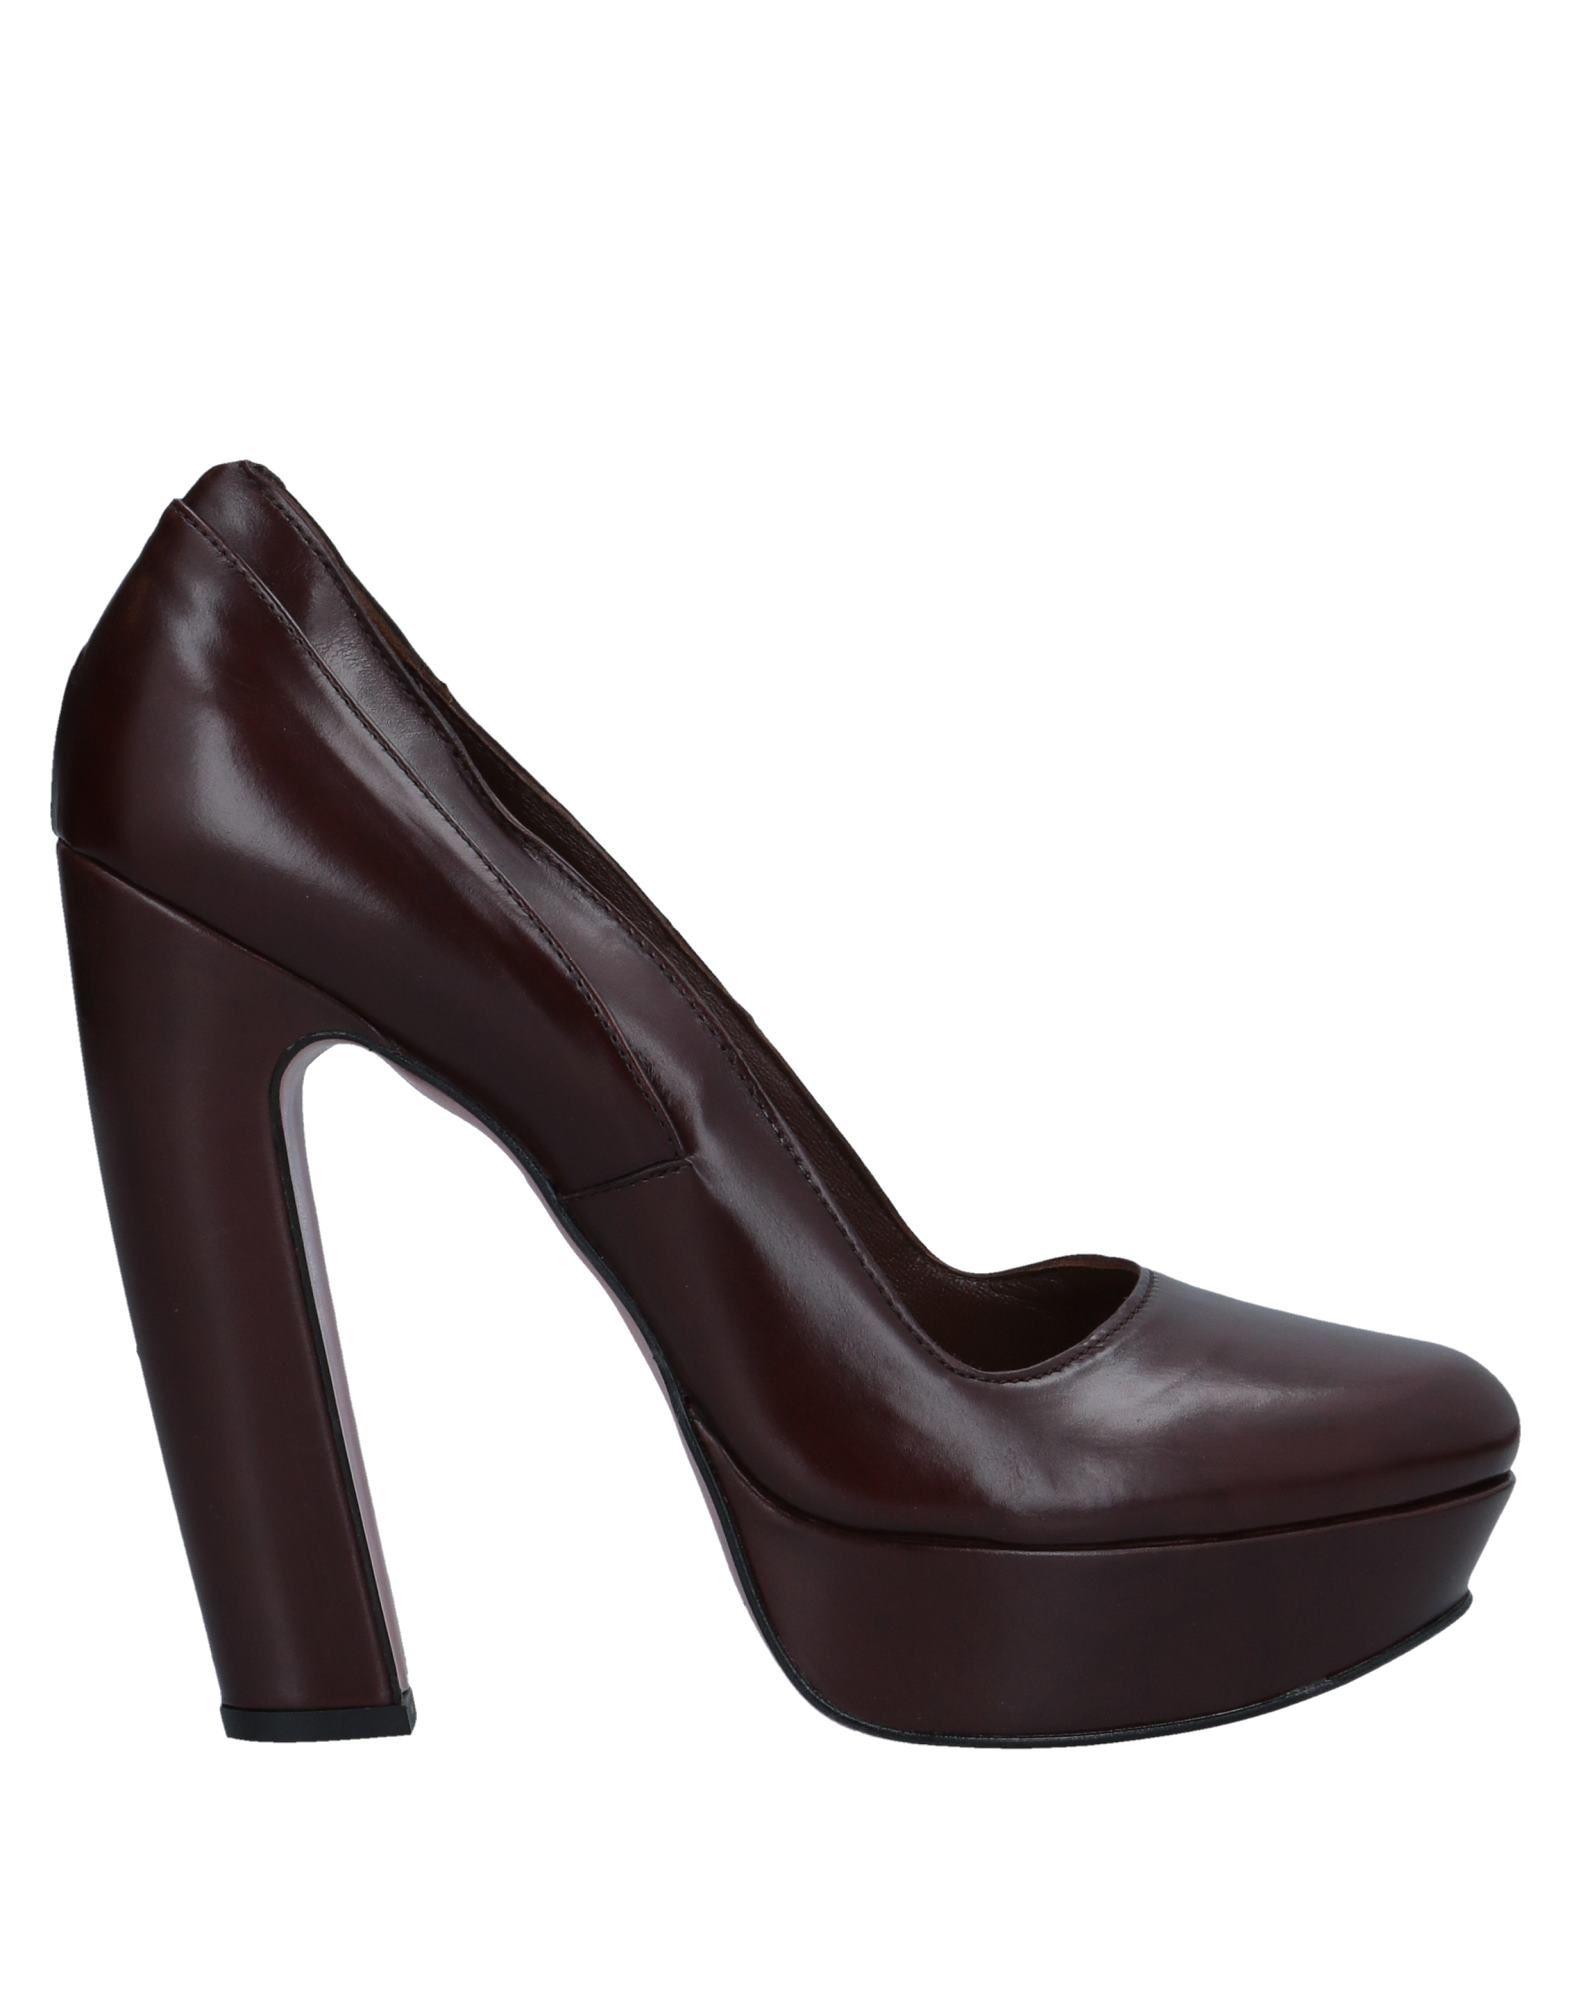 Sneakers Hogan Uomo - 11435704BM Scarpe economiche e buone